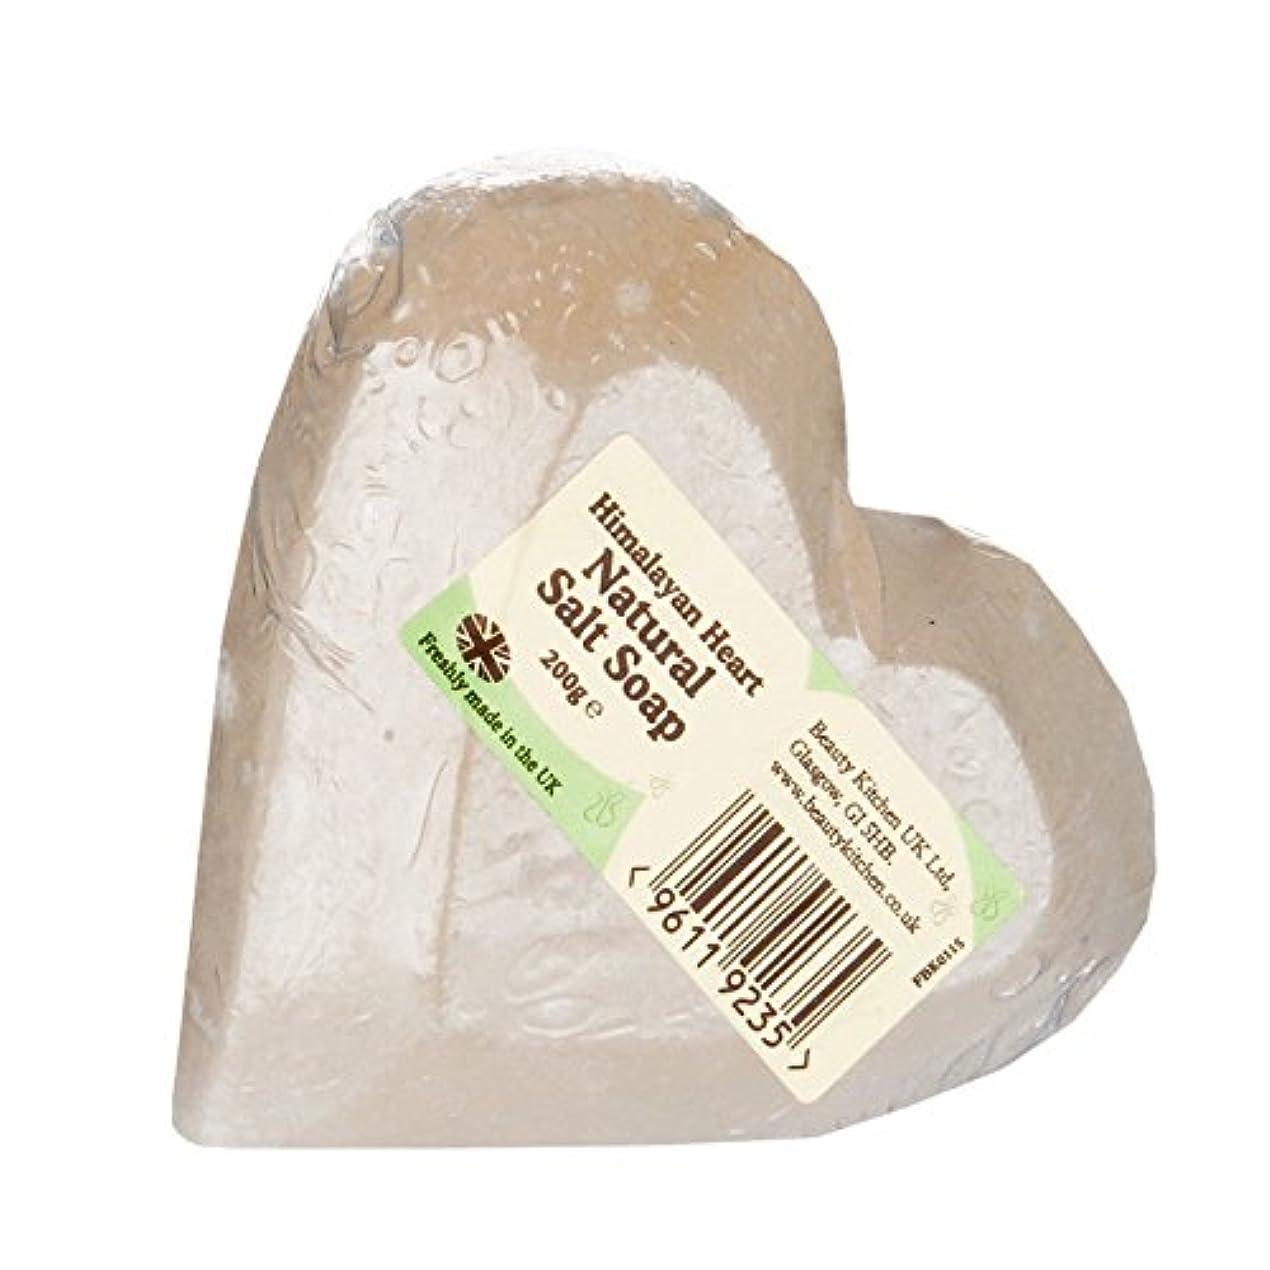 ウォーターフロント蒸発ビヨンBeauty Kitchen Himalayan Heart Soap 200g (Pack of 2) - 美容キッチンヒマラヤンハートソープ200グラム (x2) [並行輸入品]